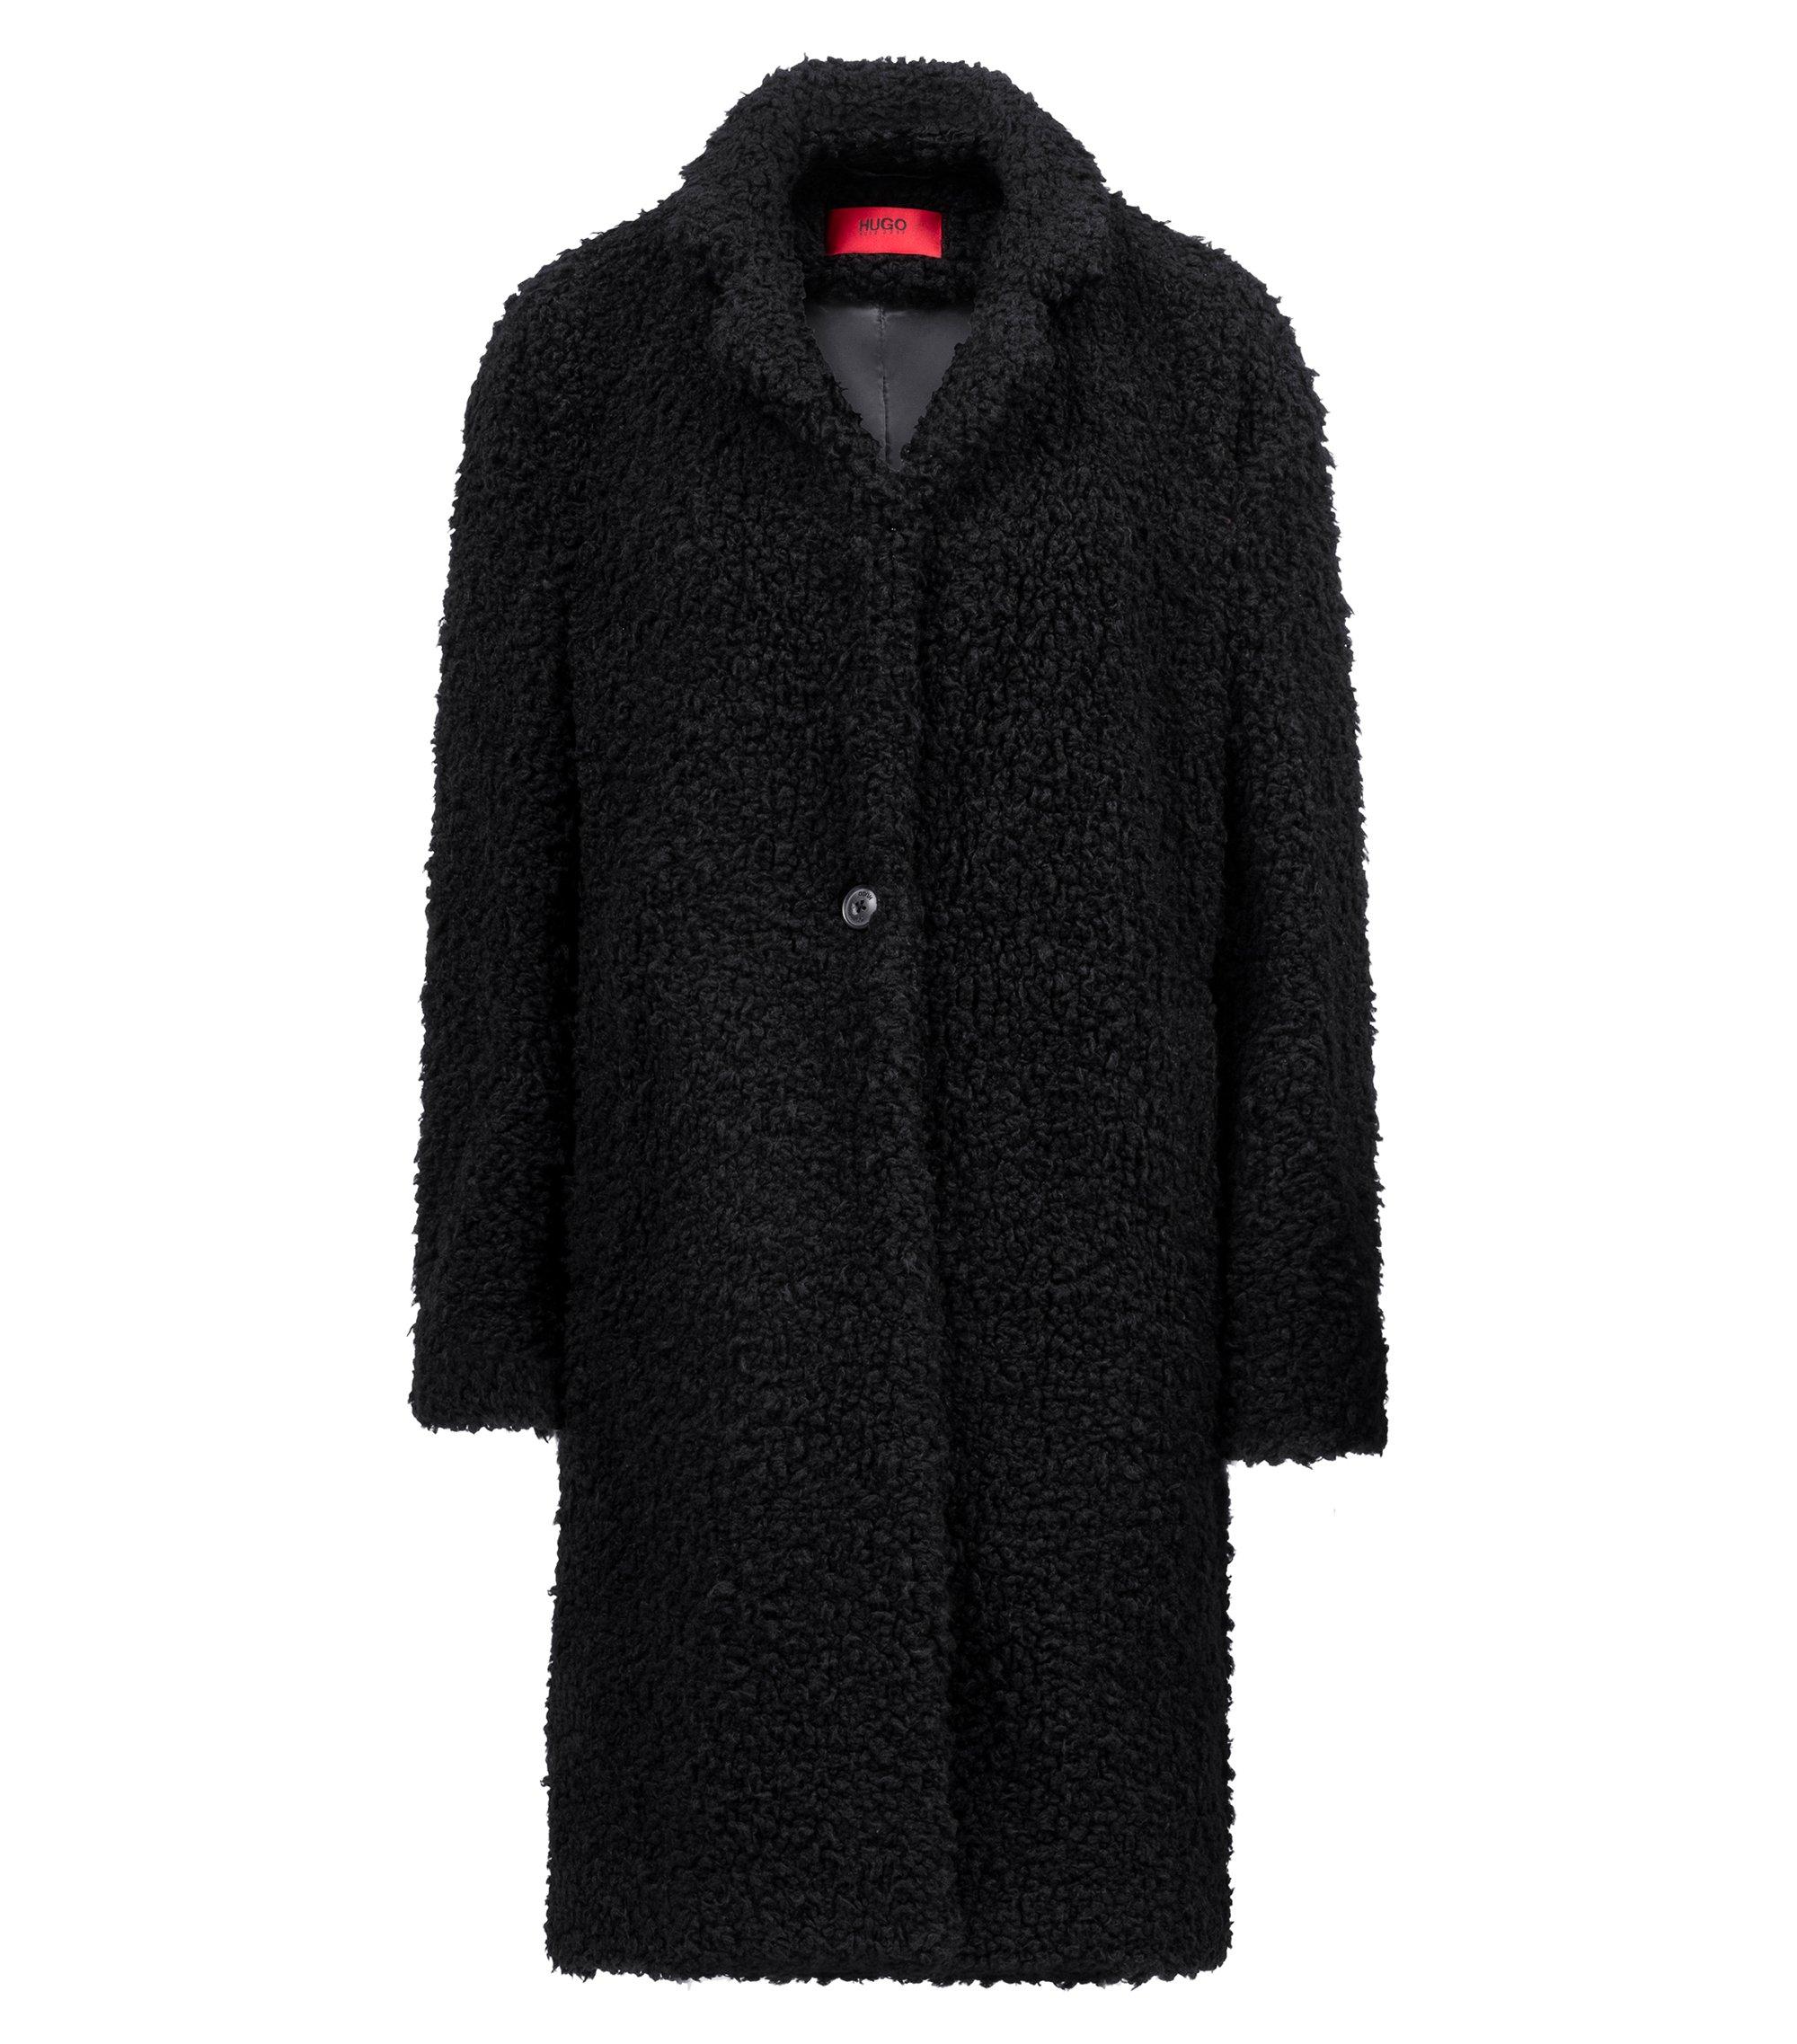 Eivormige mantel van badstofmateriaal, Zwart